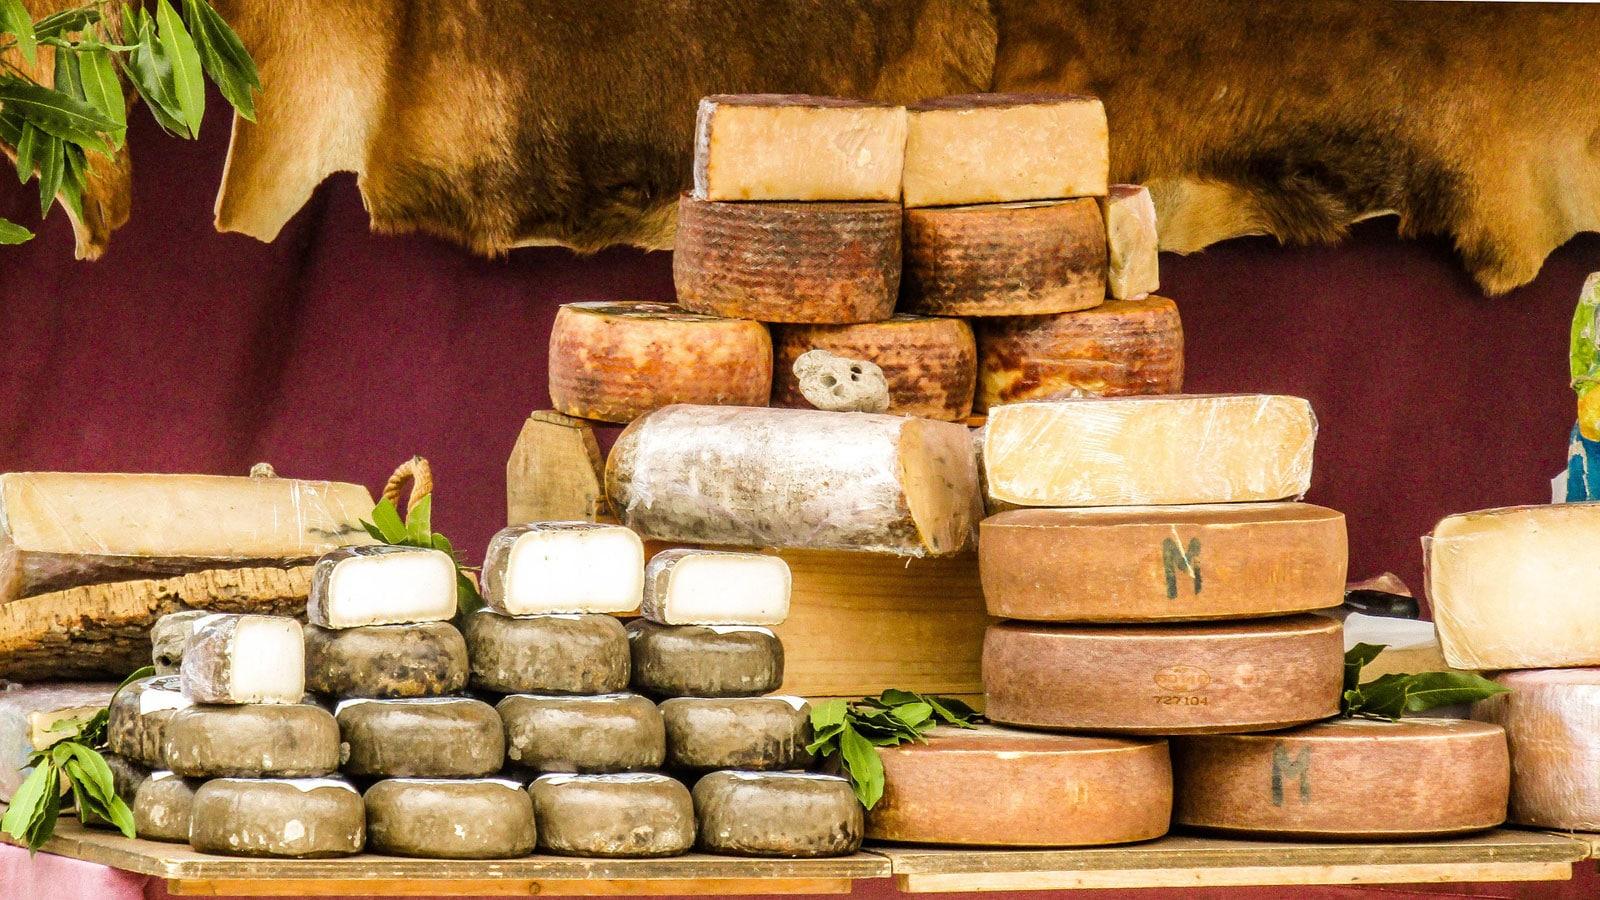 Visiter en Vendée, visites gourmandes